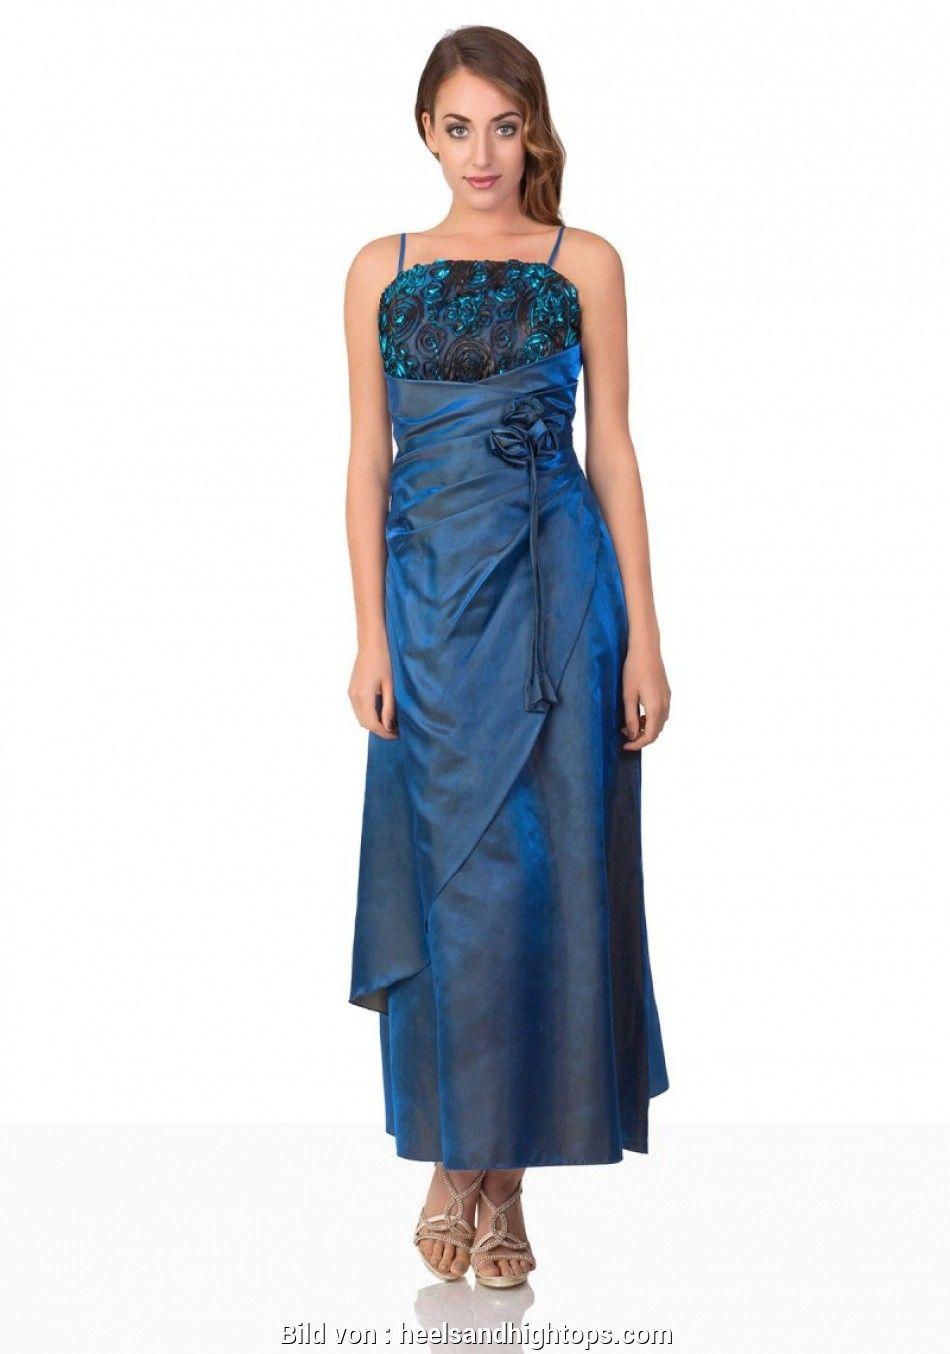 abendkleider günstig - top modische kleider | abendkleid